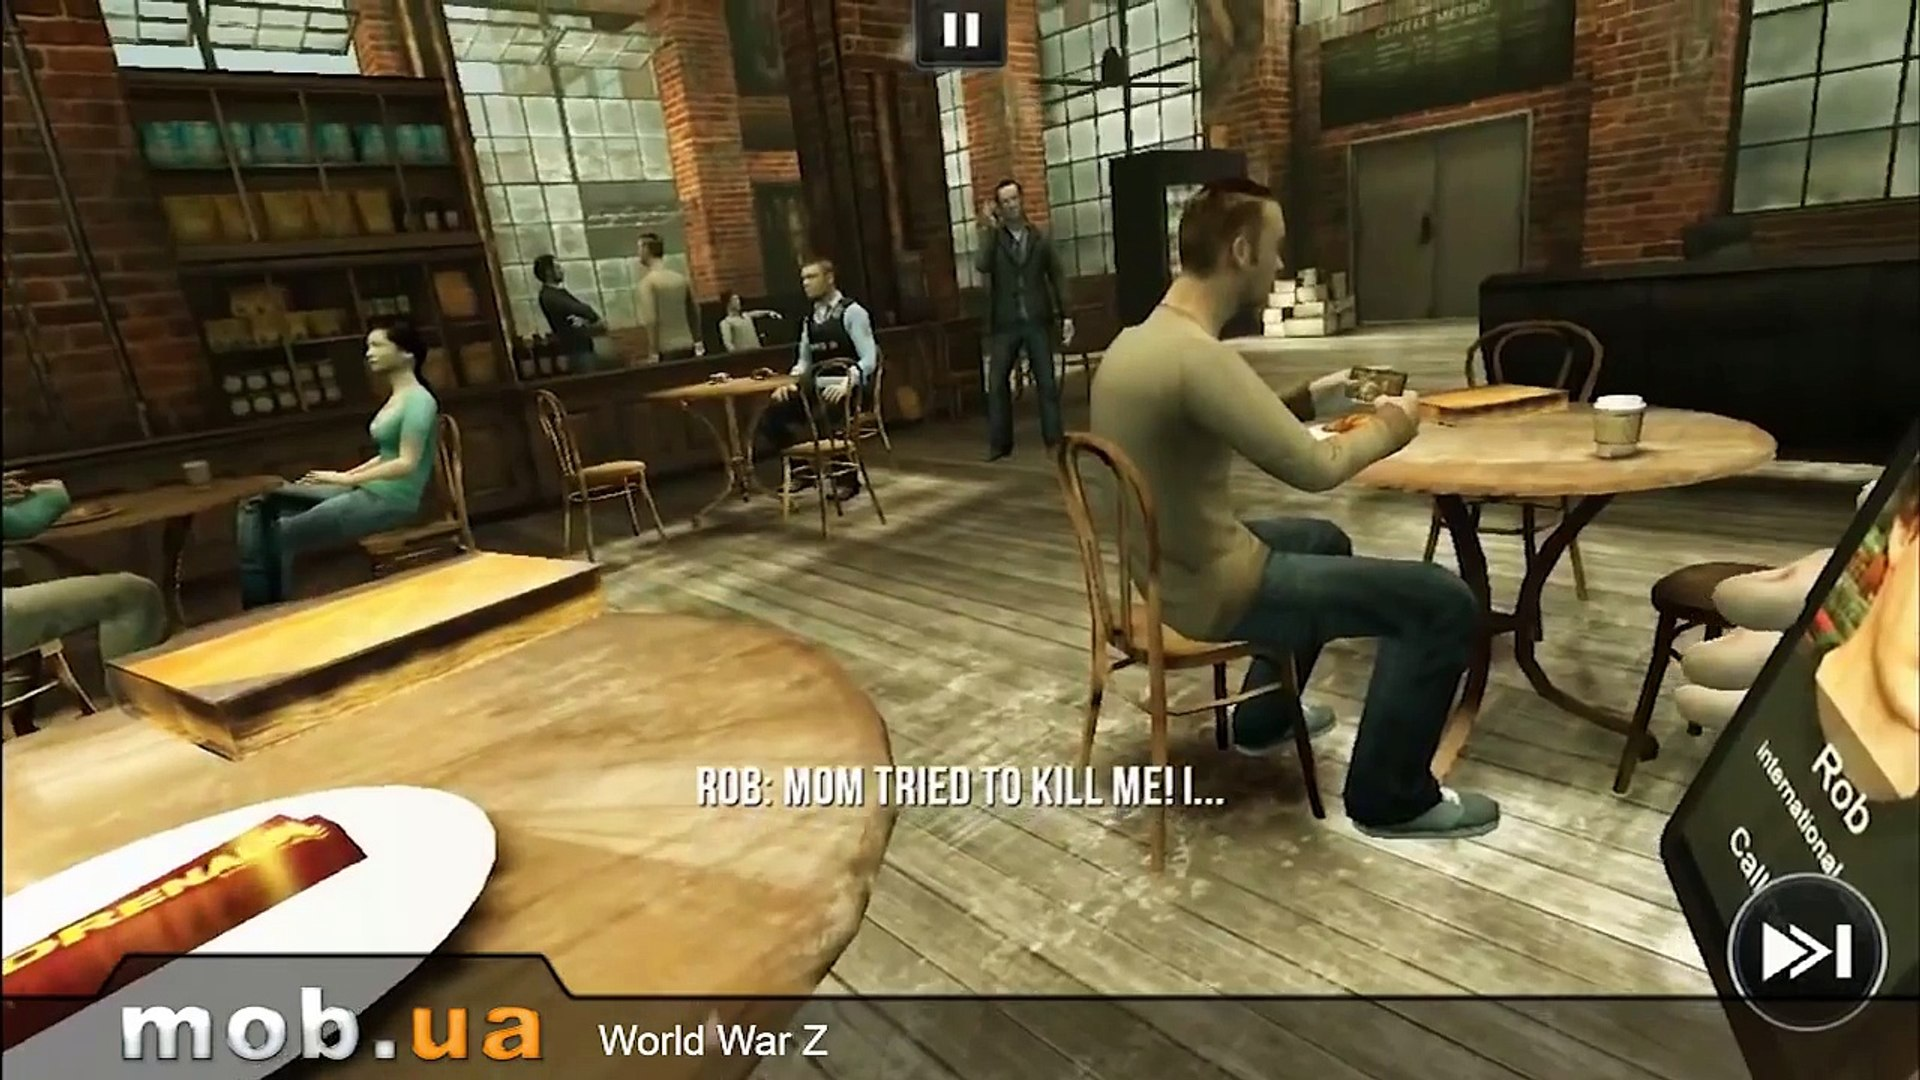 Обзор игры Война Миров Z (World War Z) на Android - mob.ua